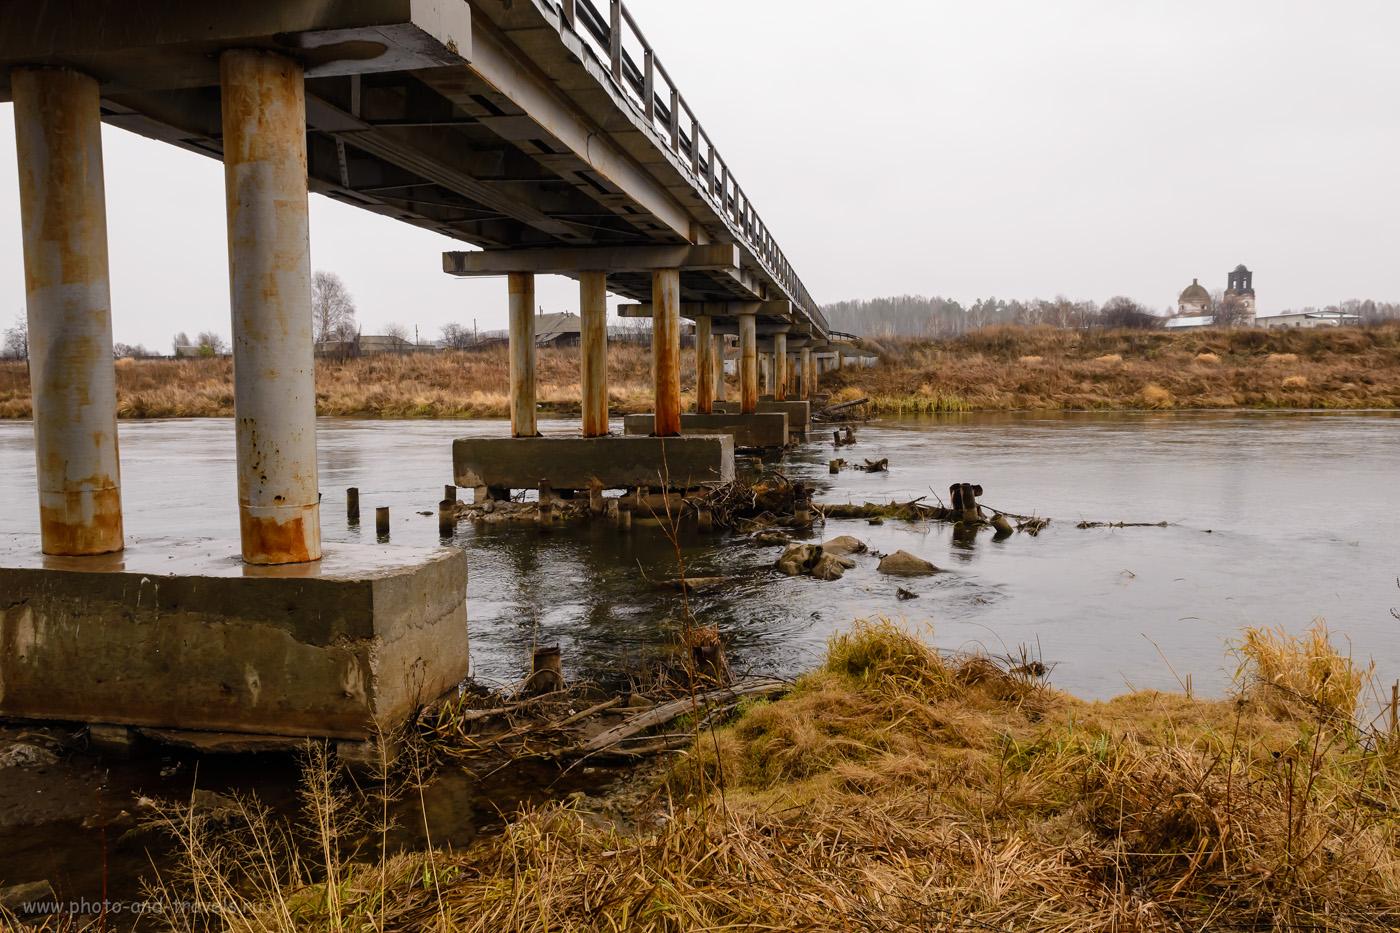 Фотография 33. Мост через реку Ирень. Вид на церковь Благовещения Пресвятой Богородицы в деревне Веслянка. 1/50, -0.67, 9.0, 640, 17.